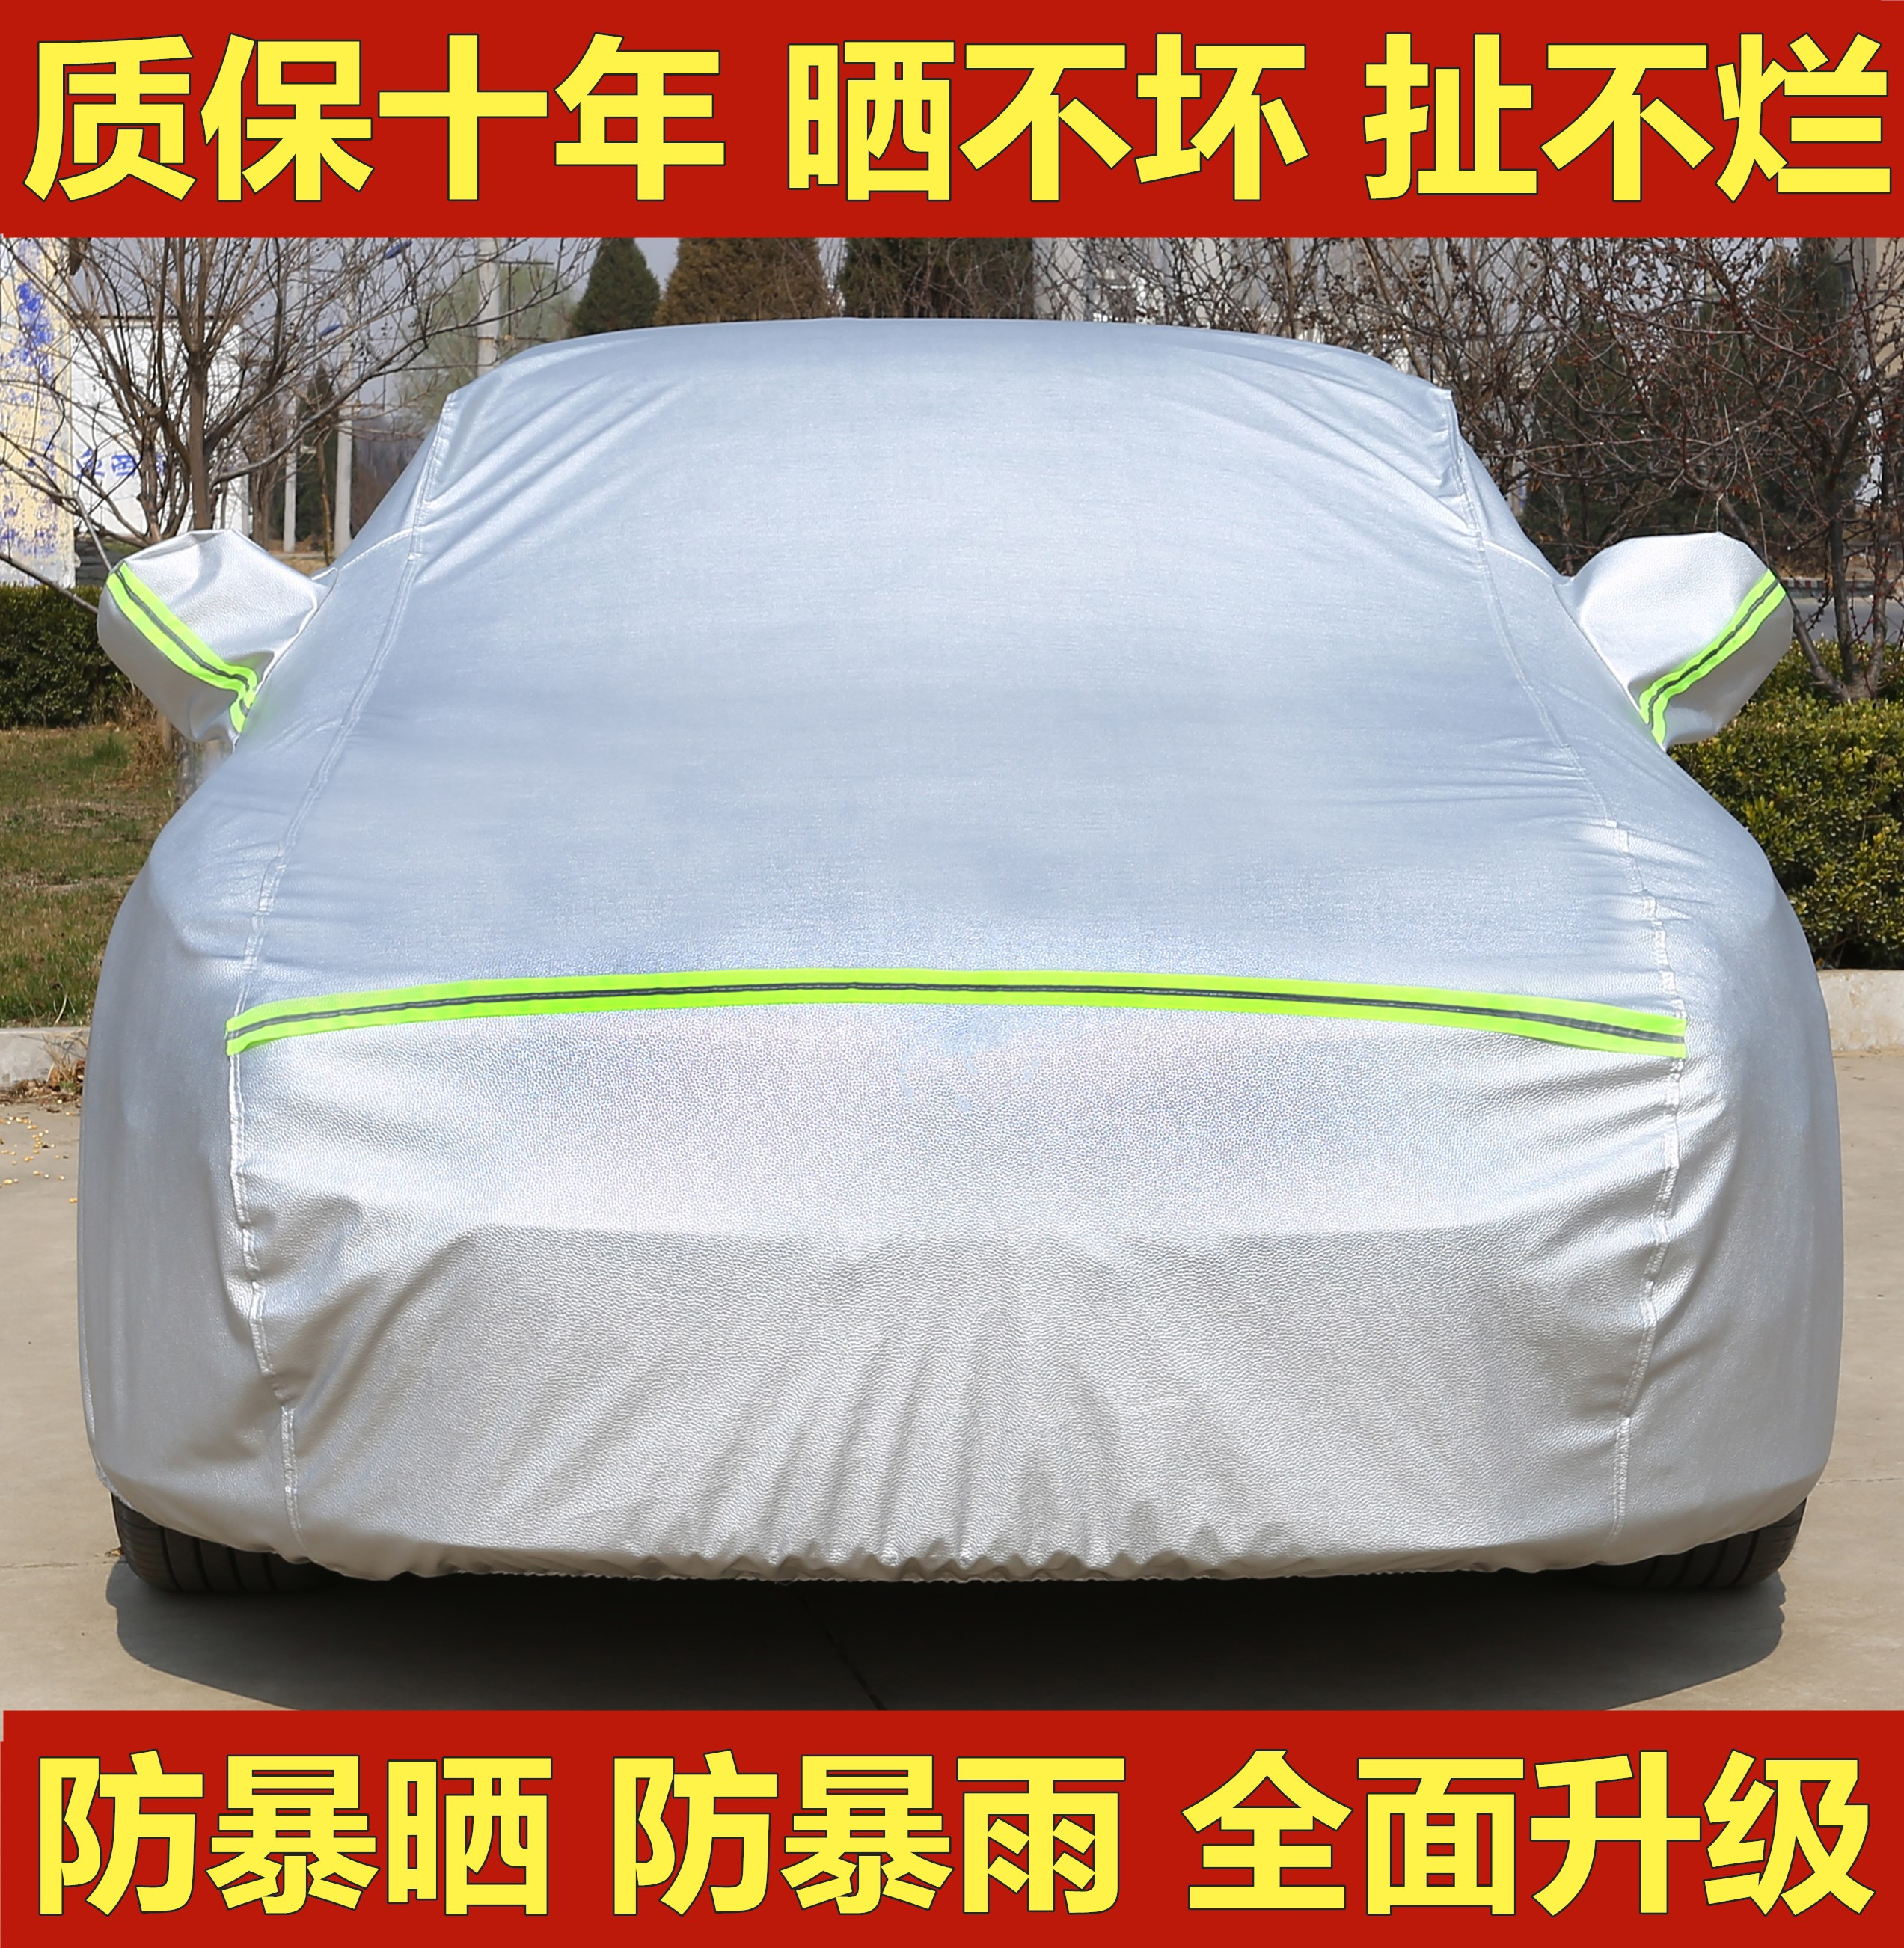 悦达新起亚k2k3k4K5智跑kx5x7x3汽车衣车罩防雨防晒隔热遮阳外套